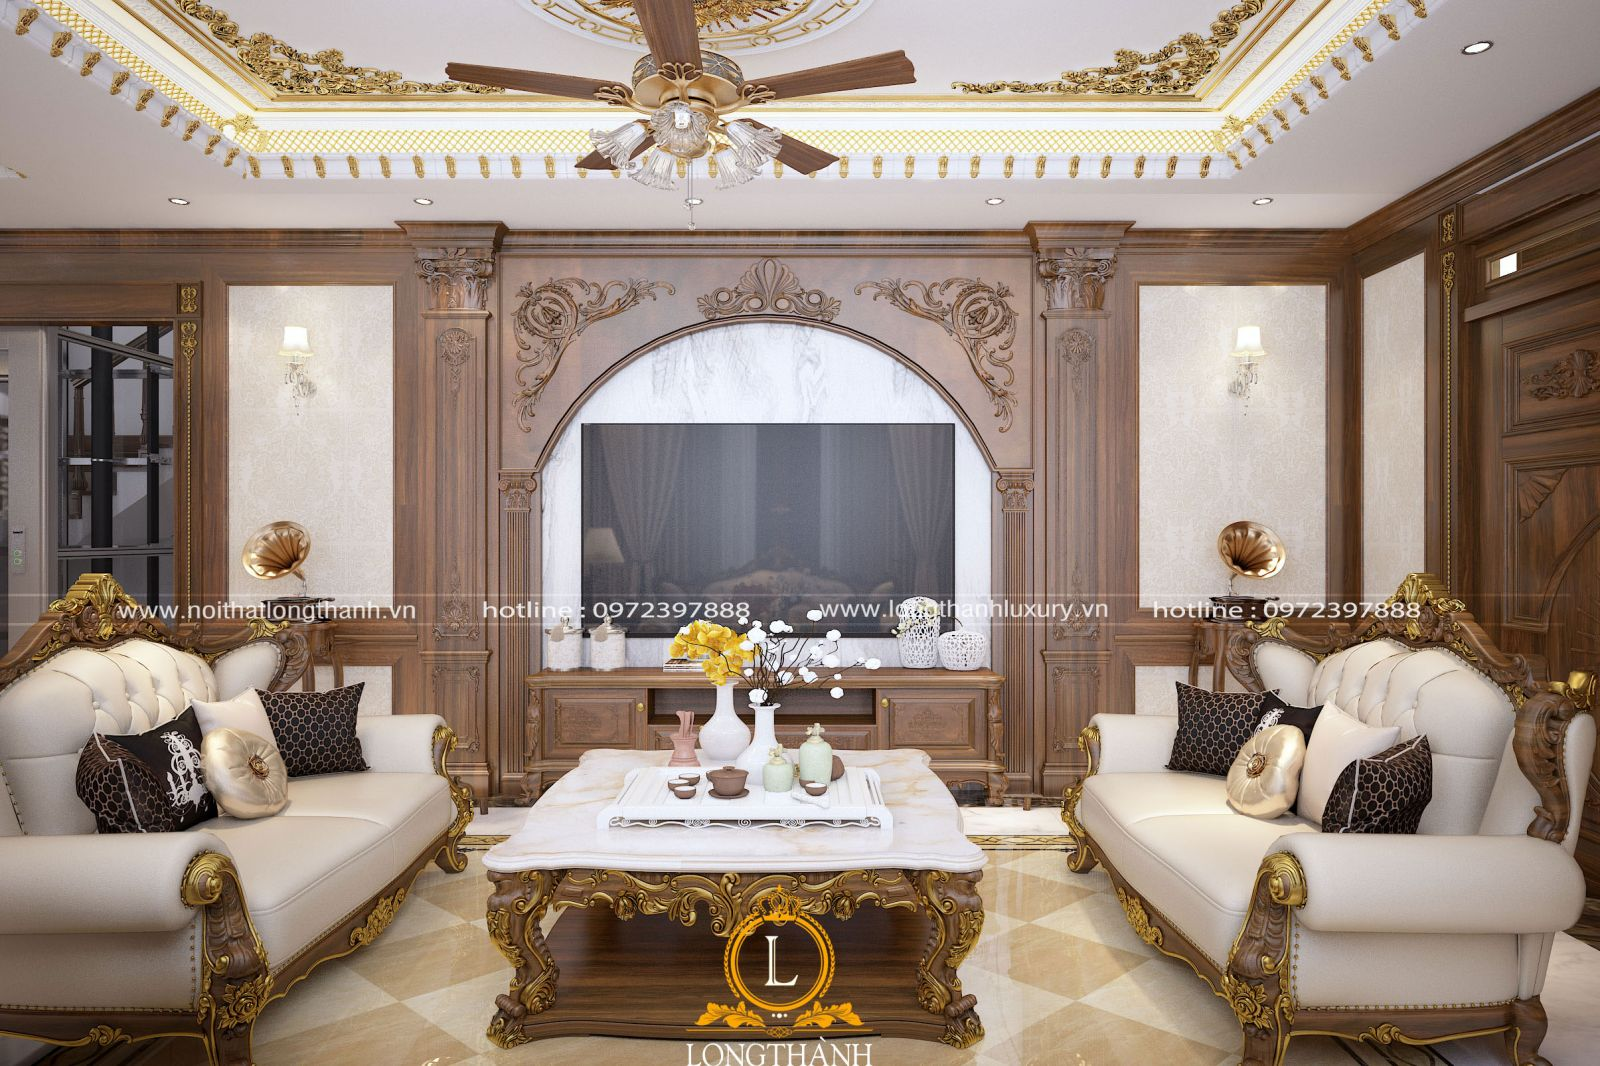 Không gian phòng khách được thiết kế và bố trí hài hòa hợp lý